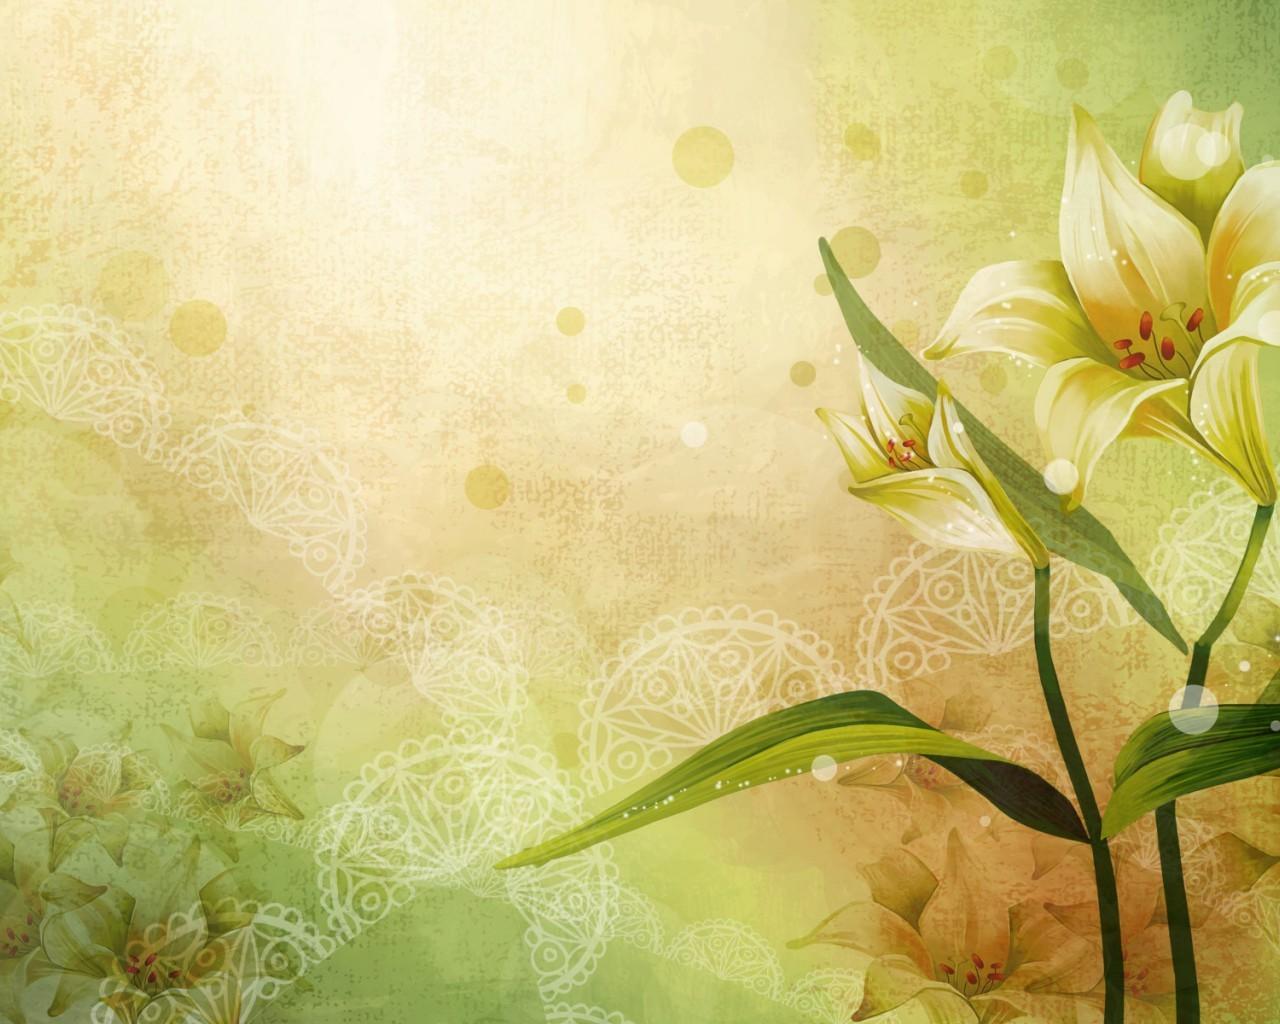 Скачать картинку Растения, Цветы, Фон, Рисунки в телефон бесплатно.